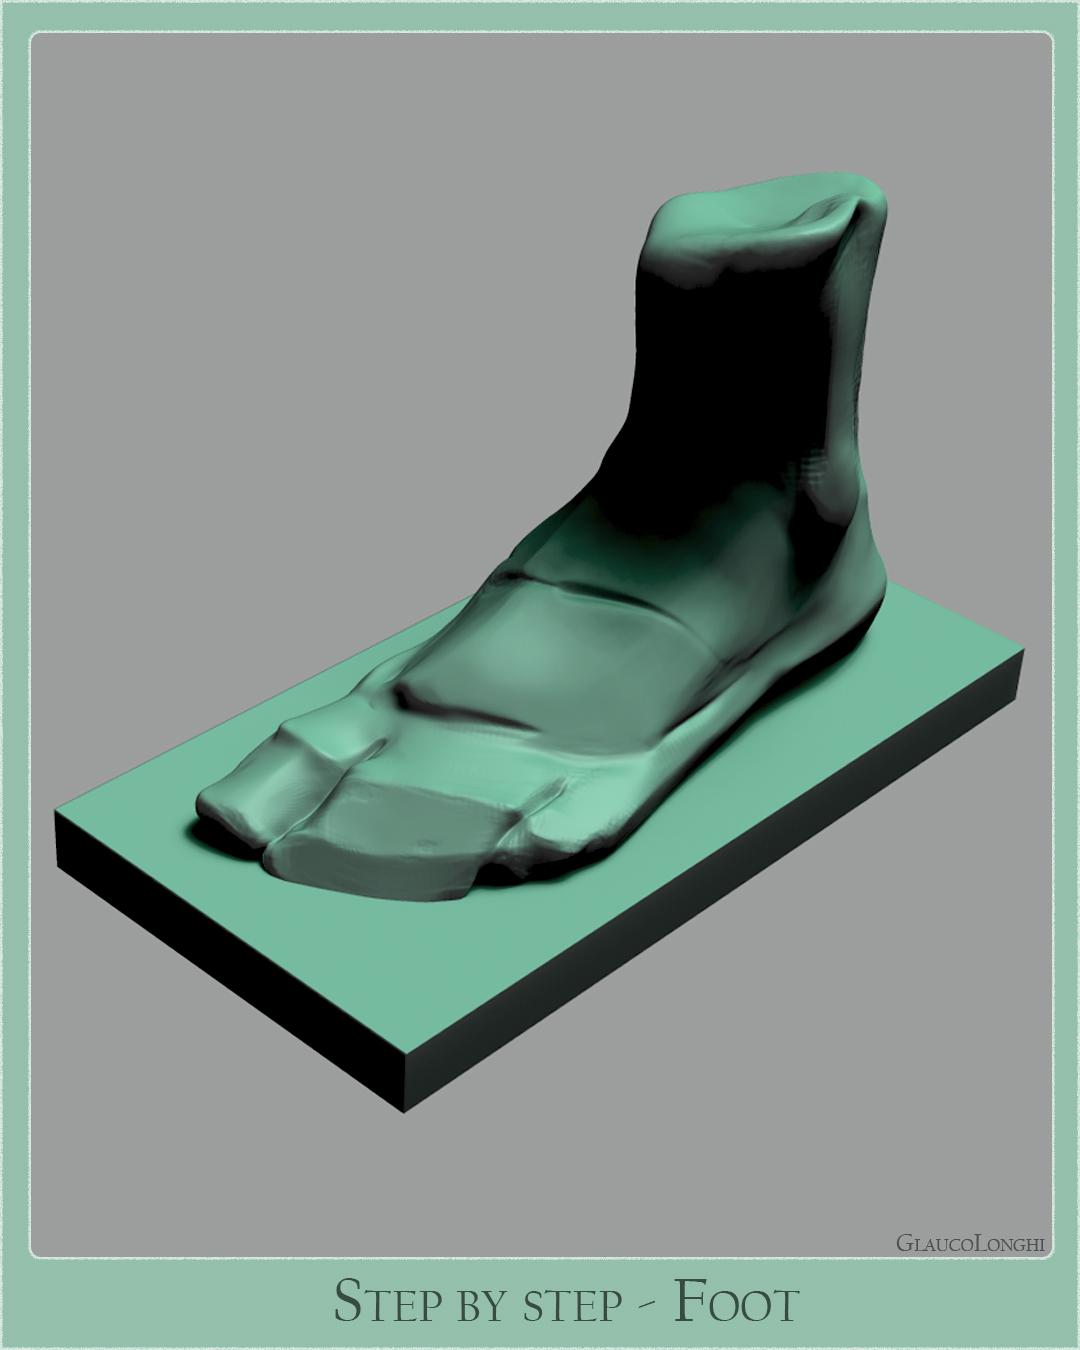 sbs_foot_003.jpg